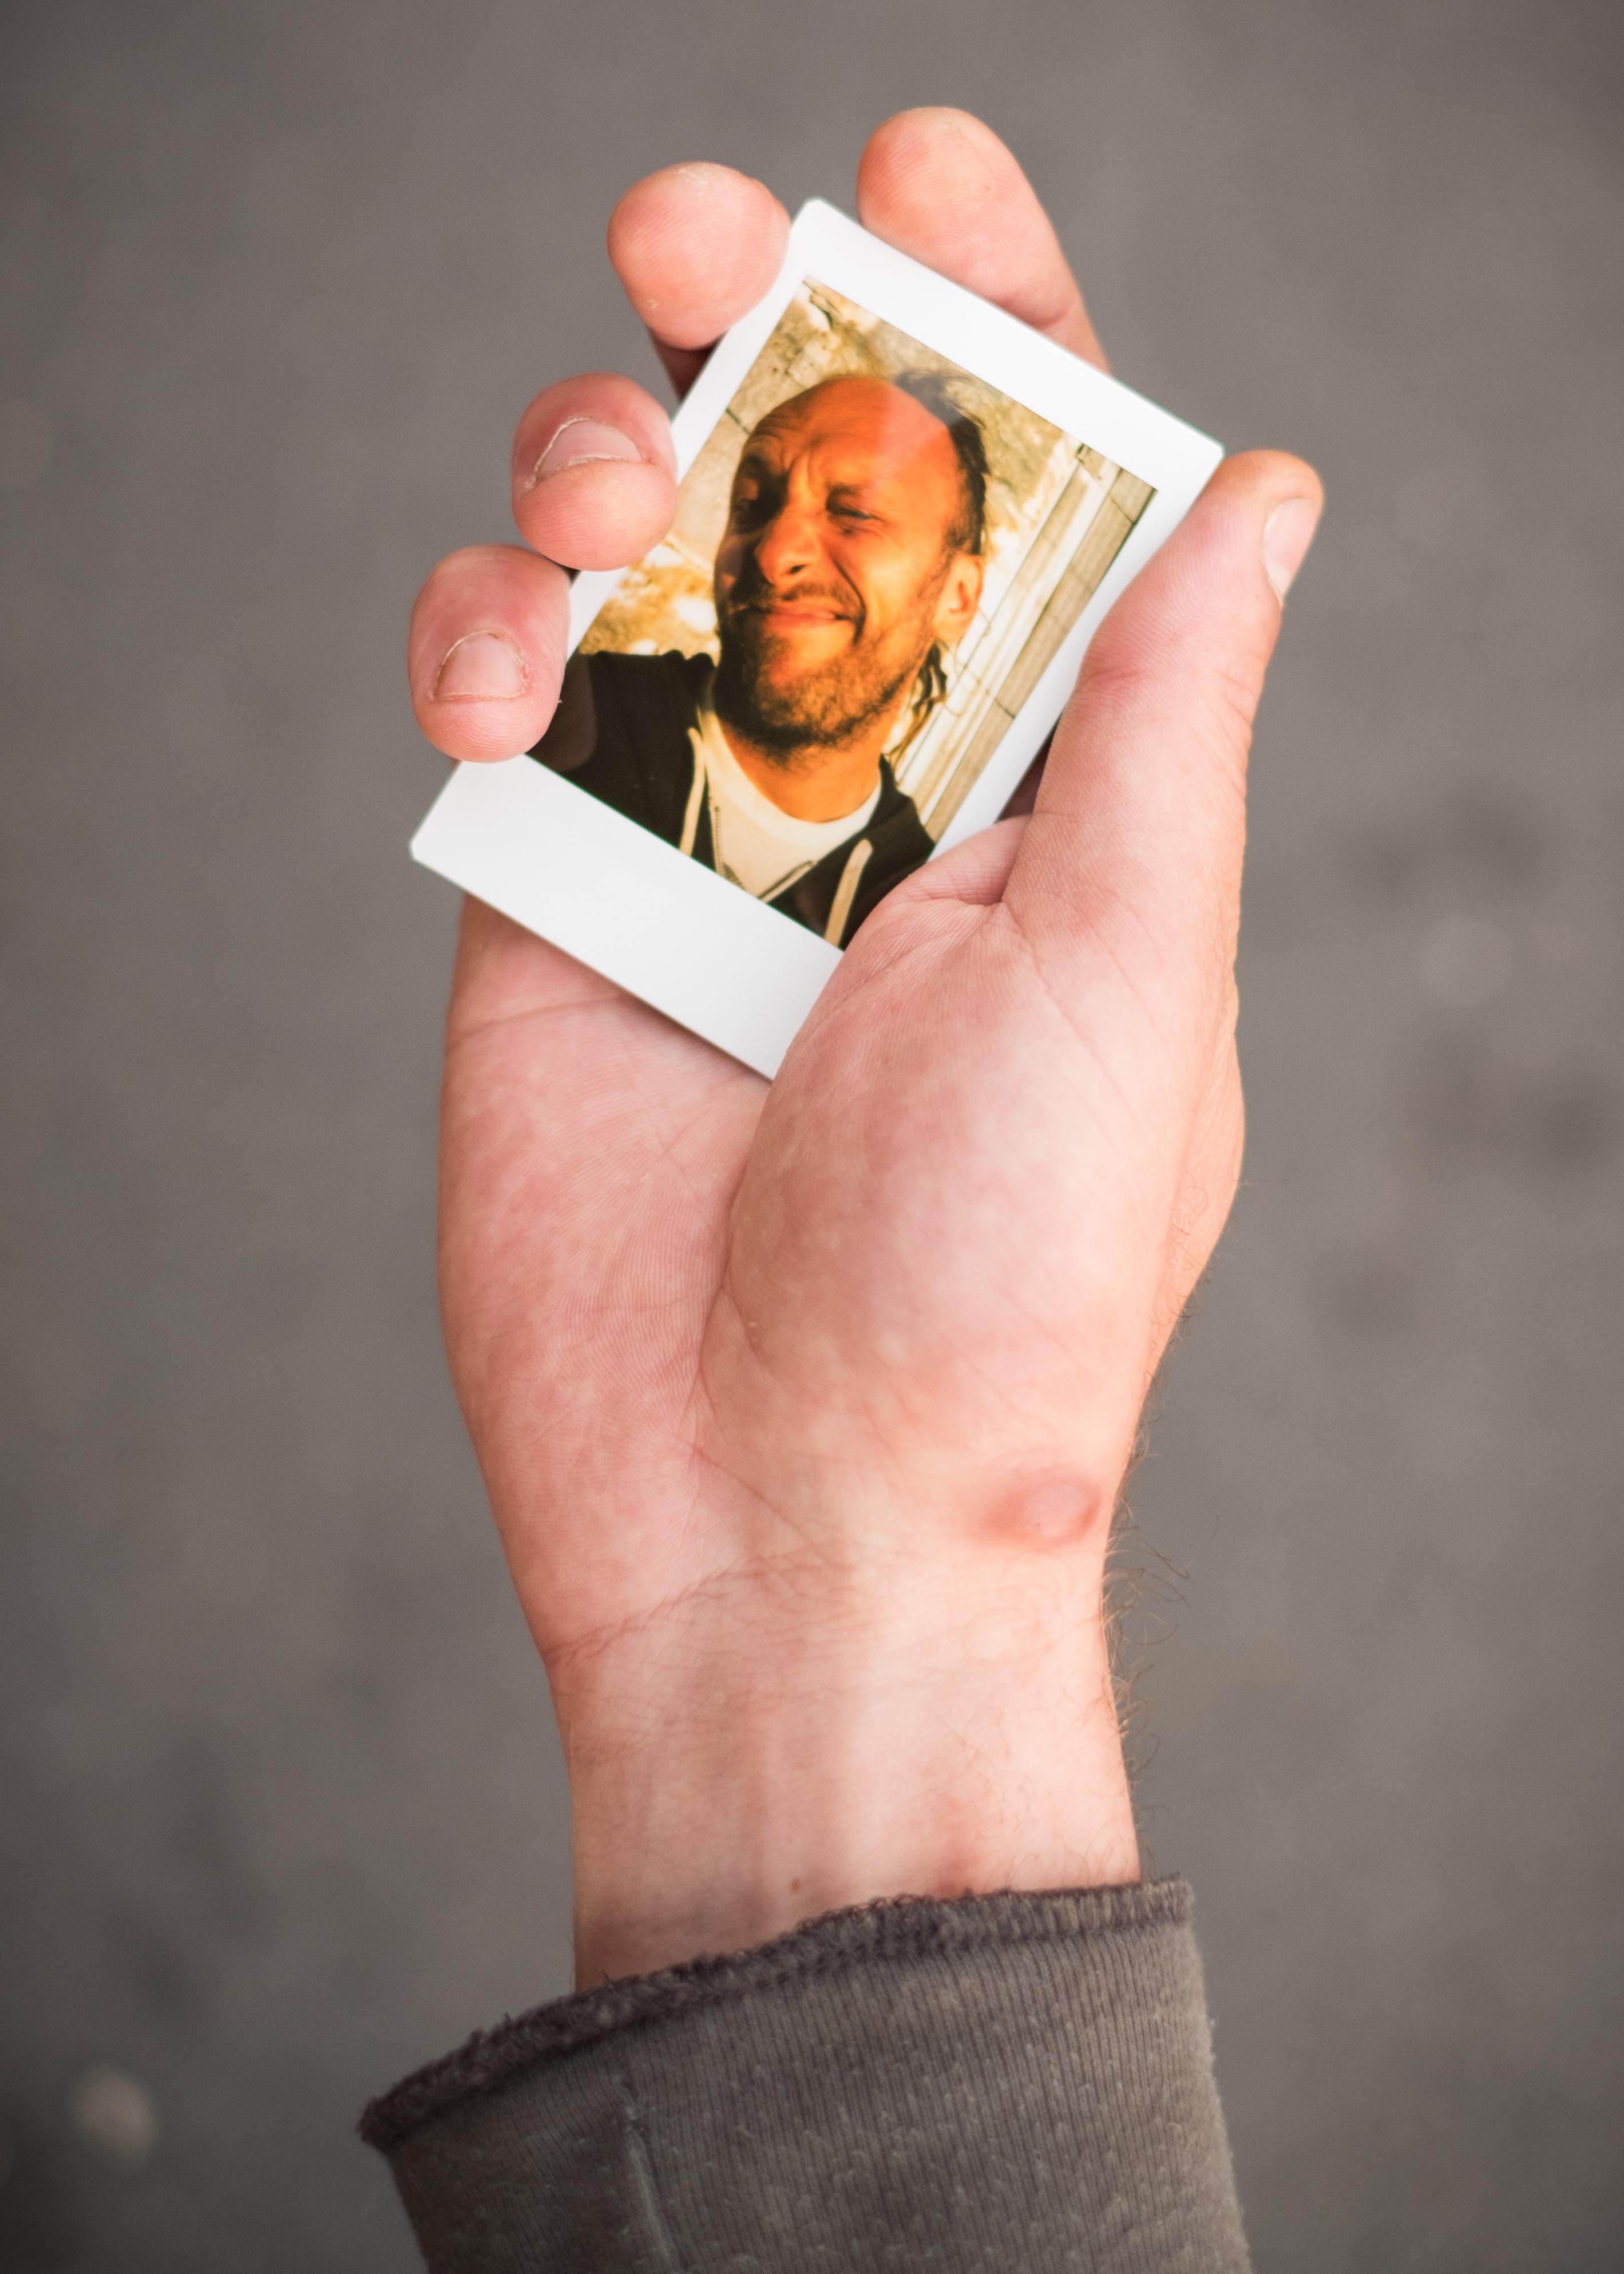 Olivier Bourget portrait dans la main-24